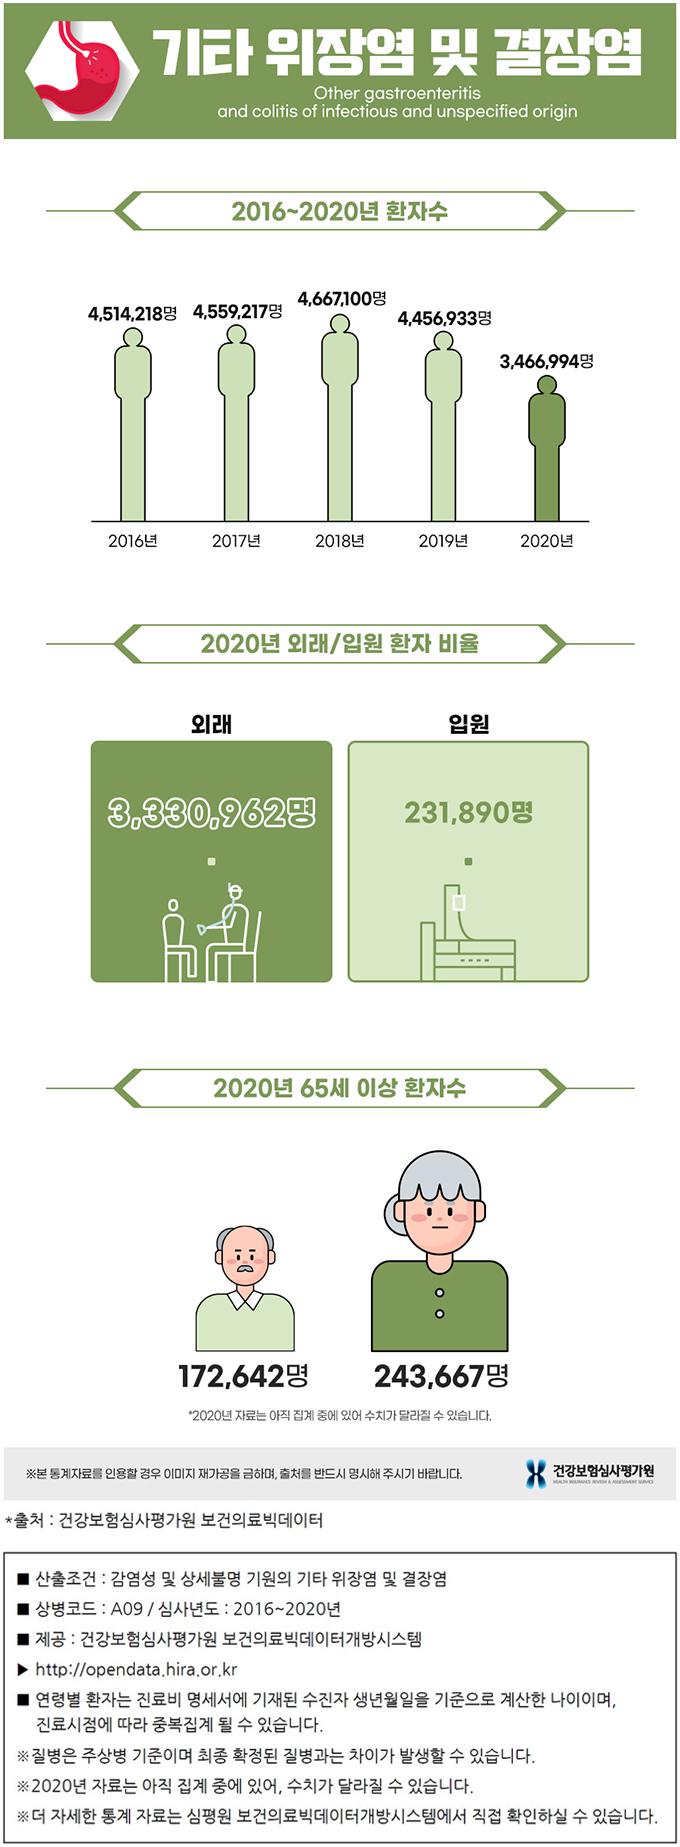 위장염 및 결장염 통계자료